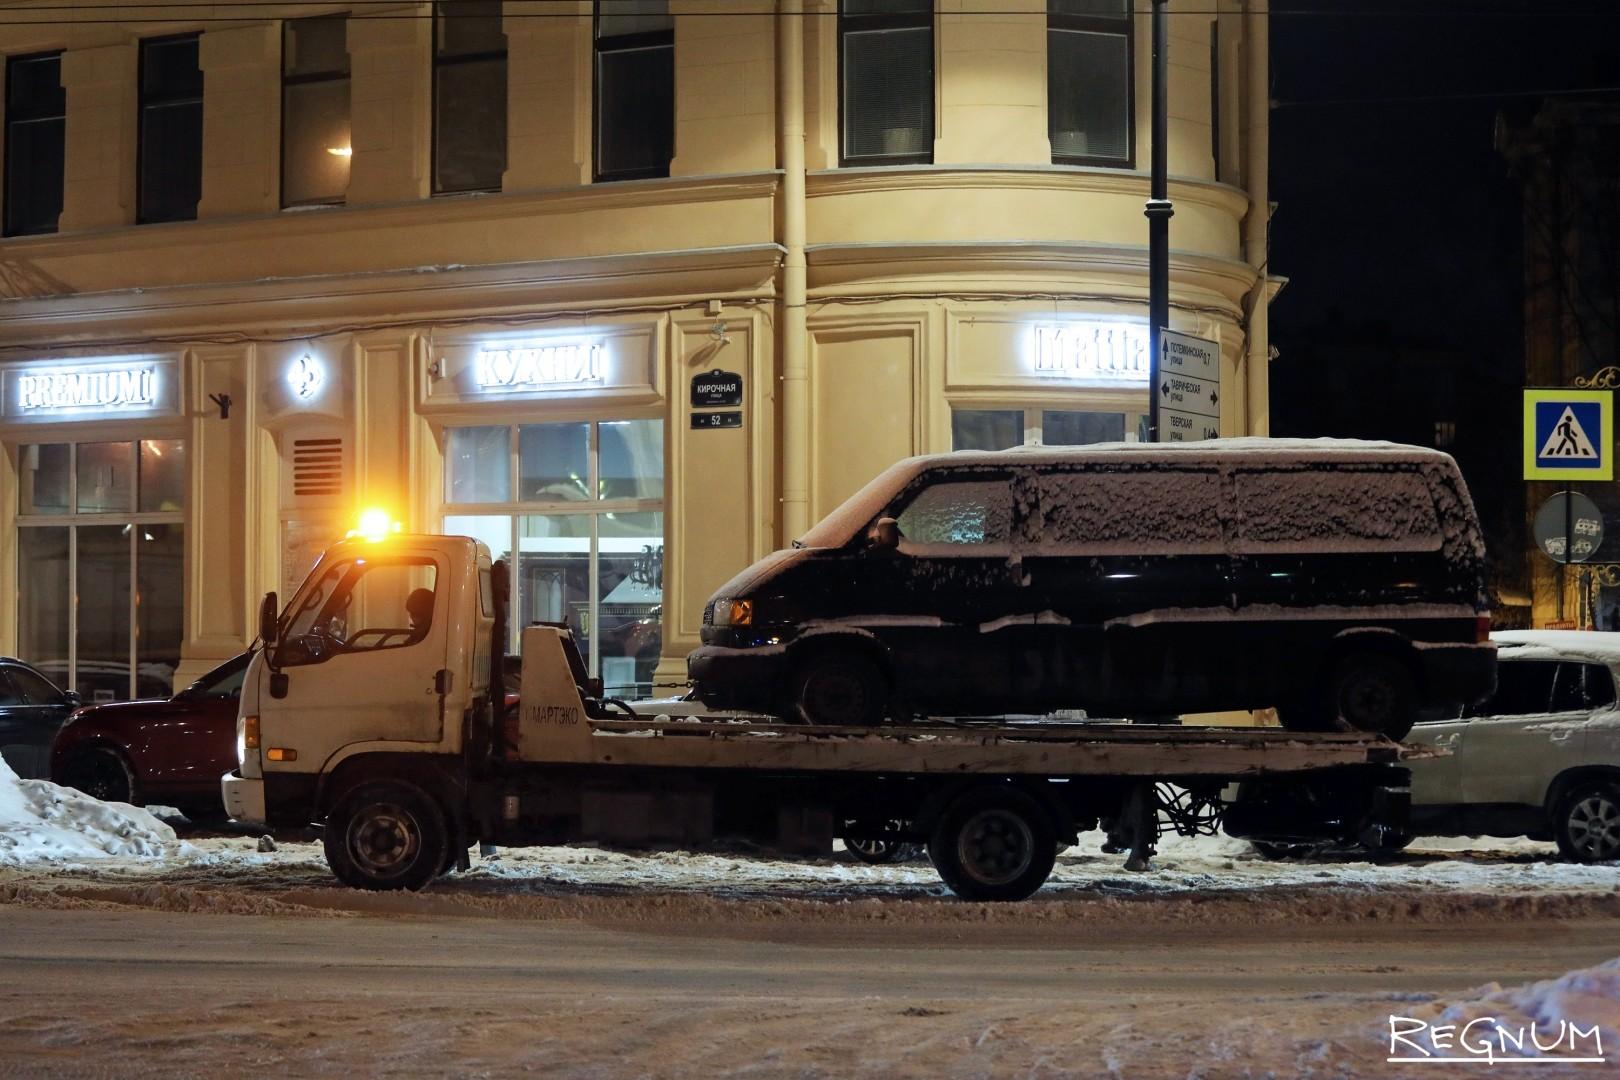 Эвакуированный автомобиль на Кирочной улице